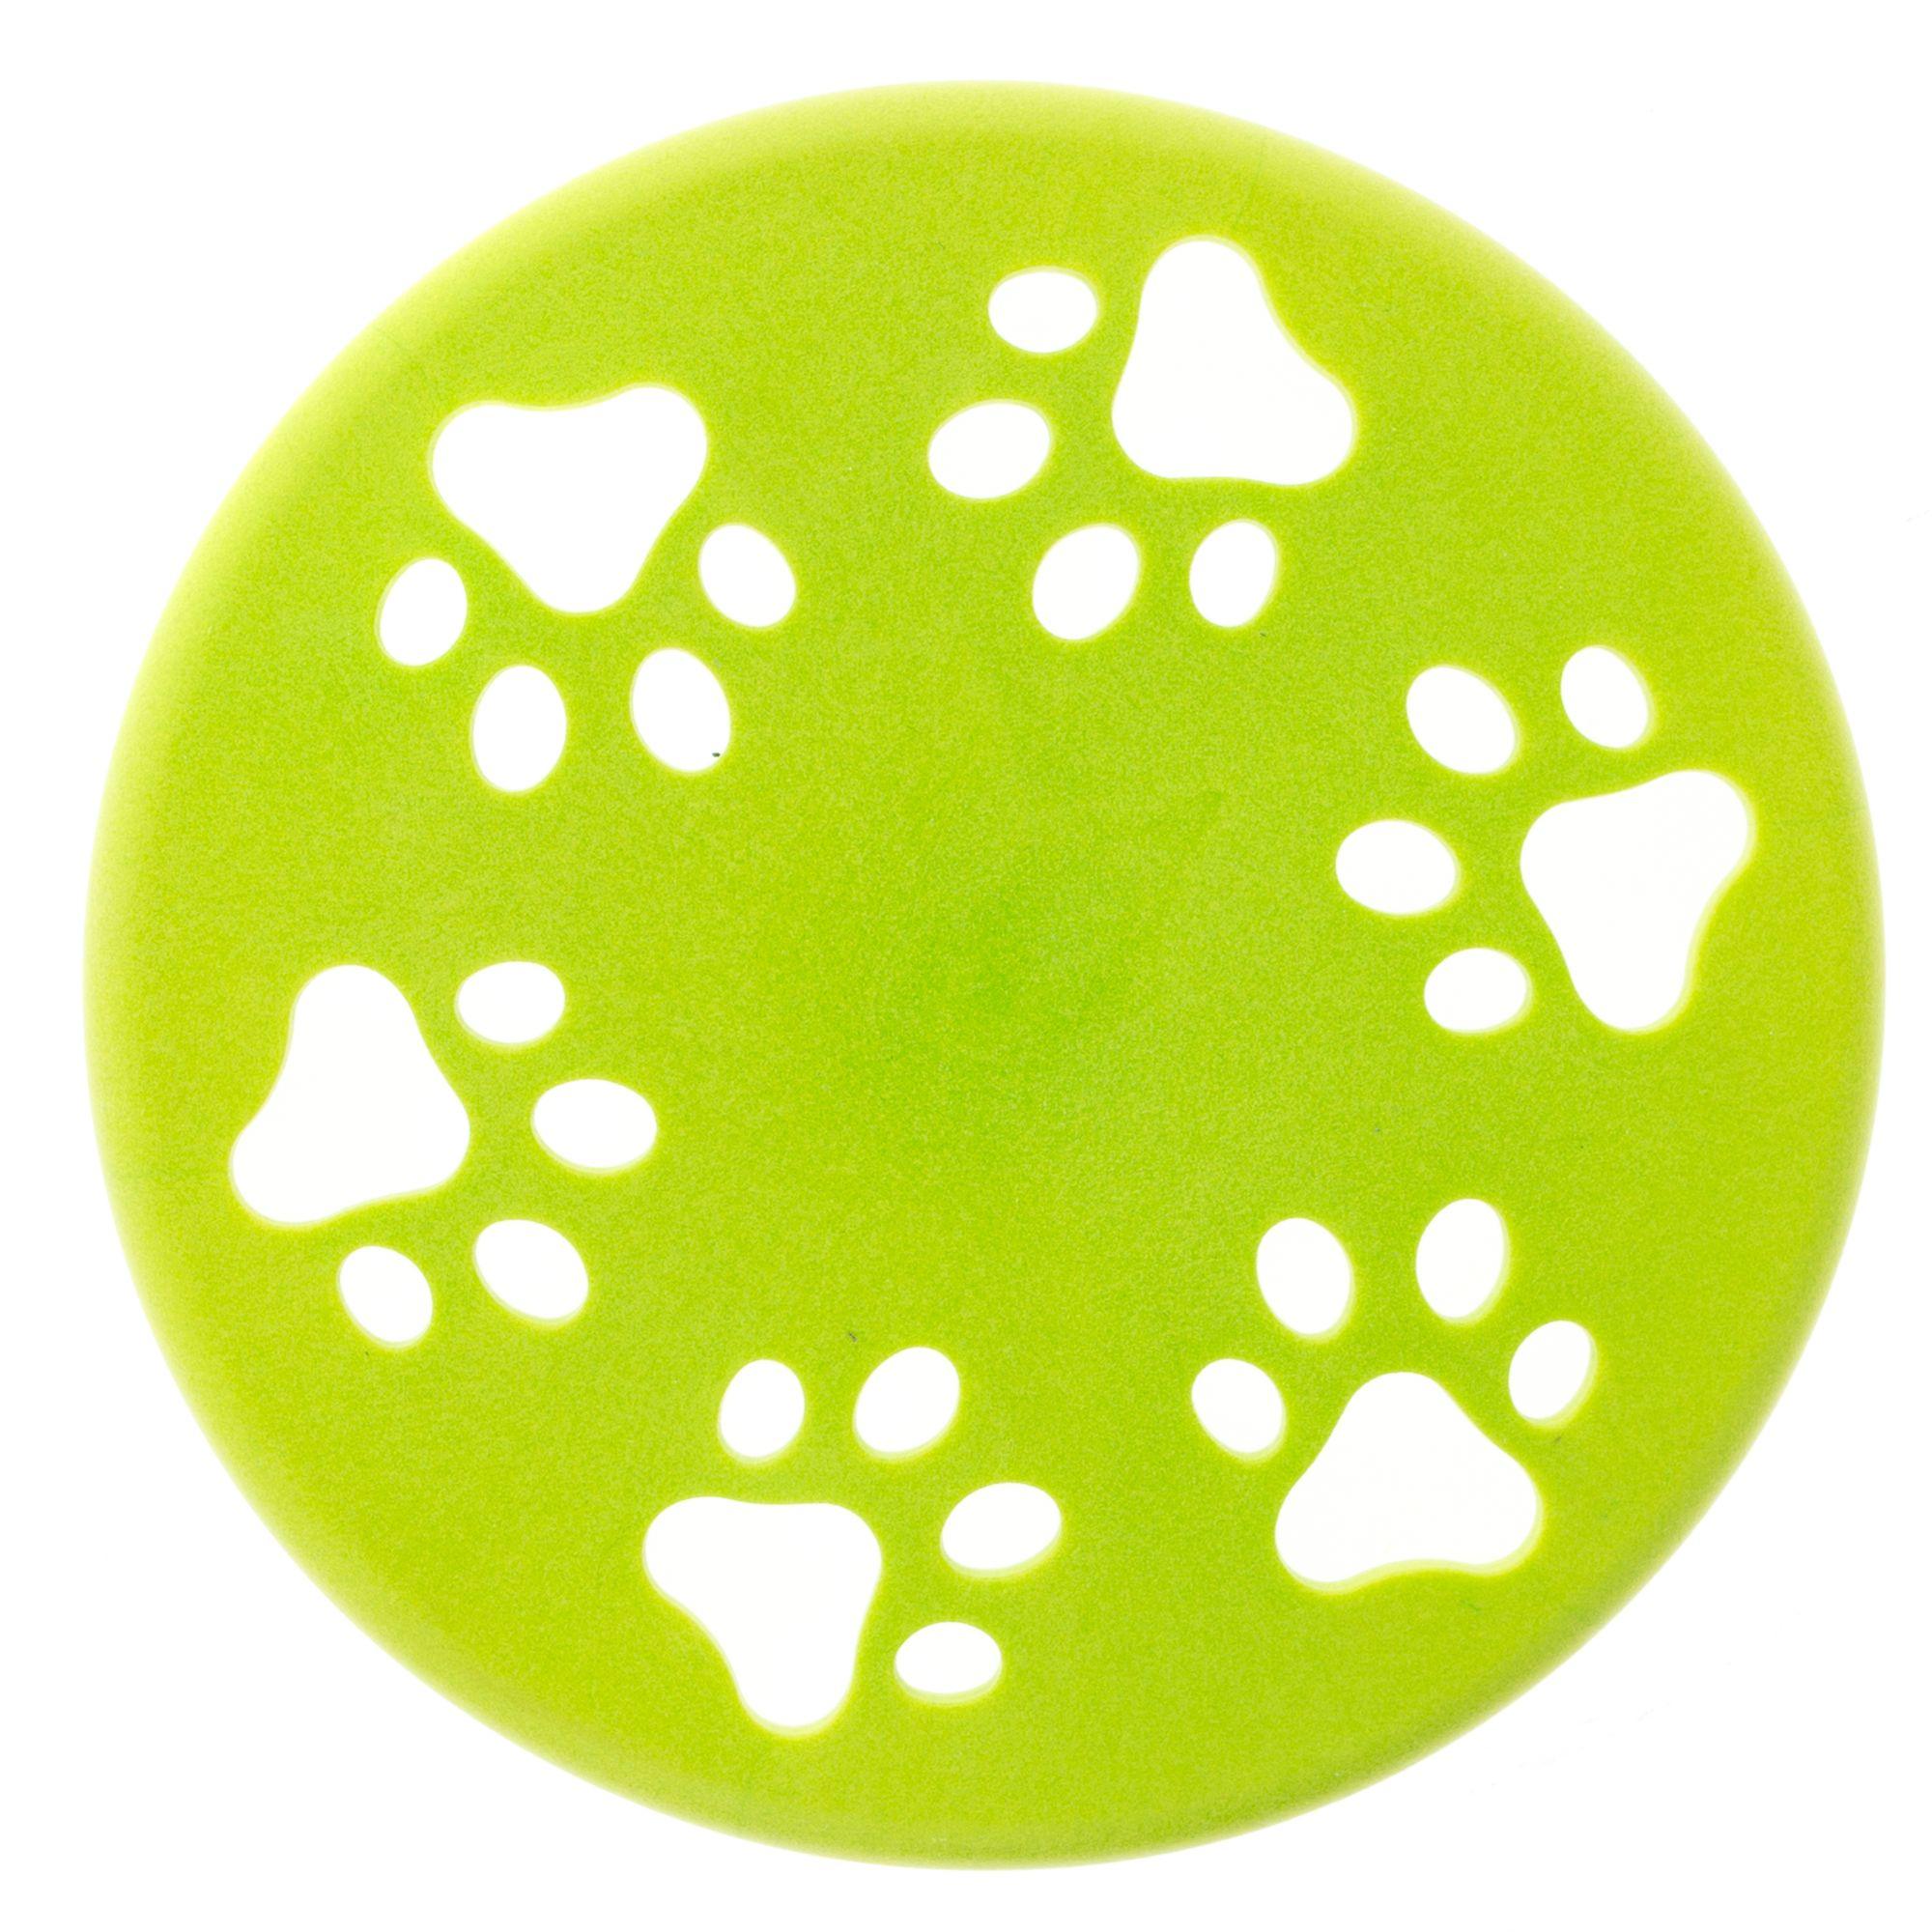 Grreat Choice Paw Flyer Dog Toy, Green 5260728